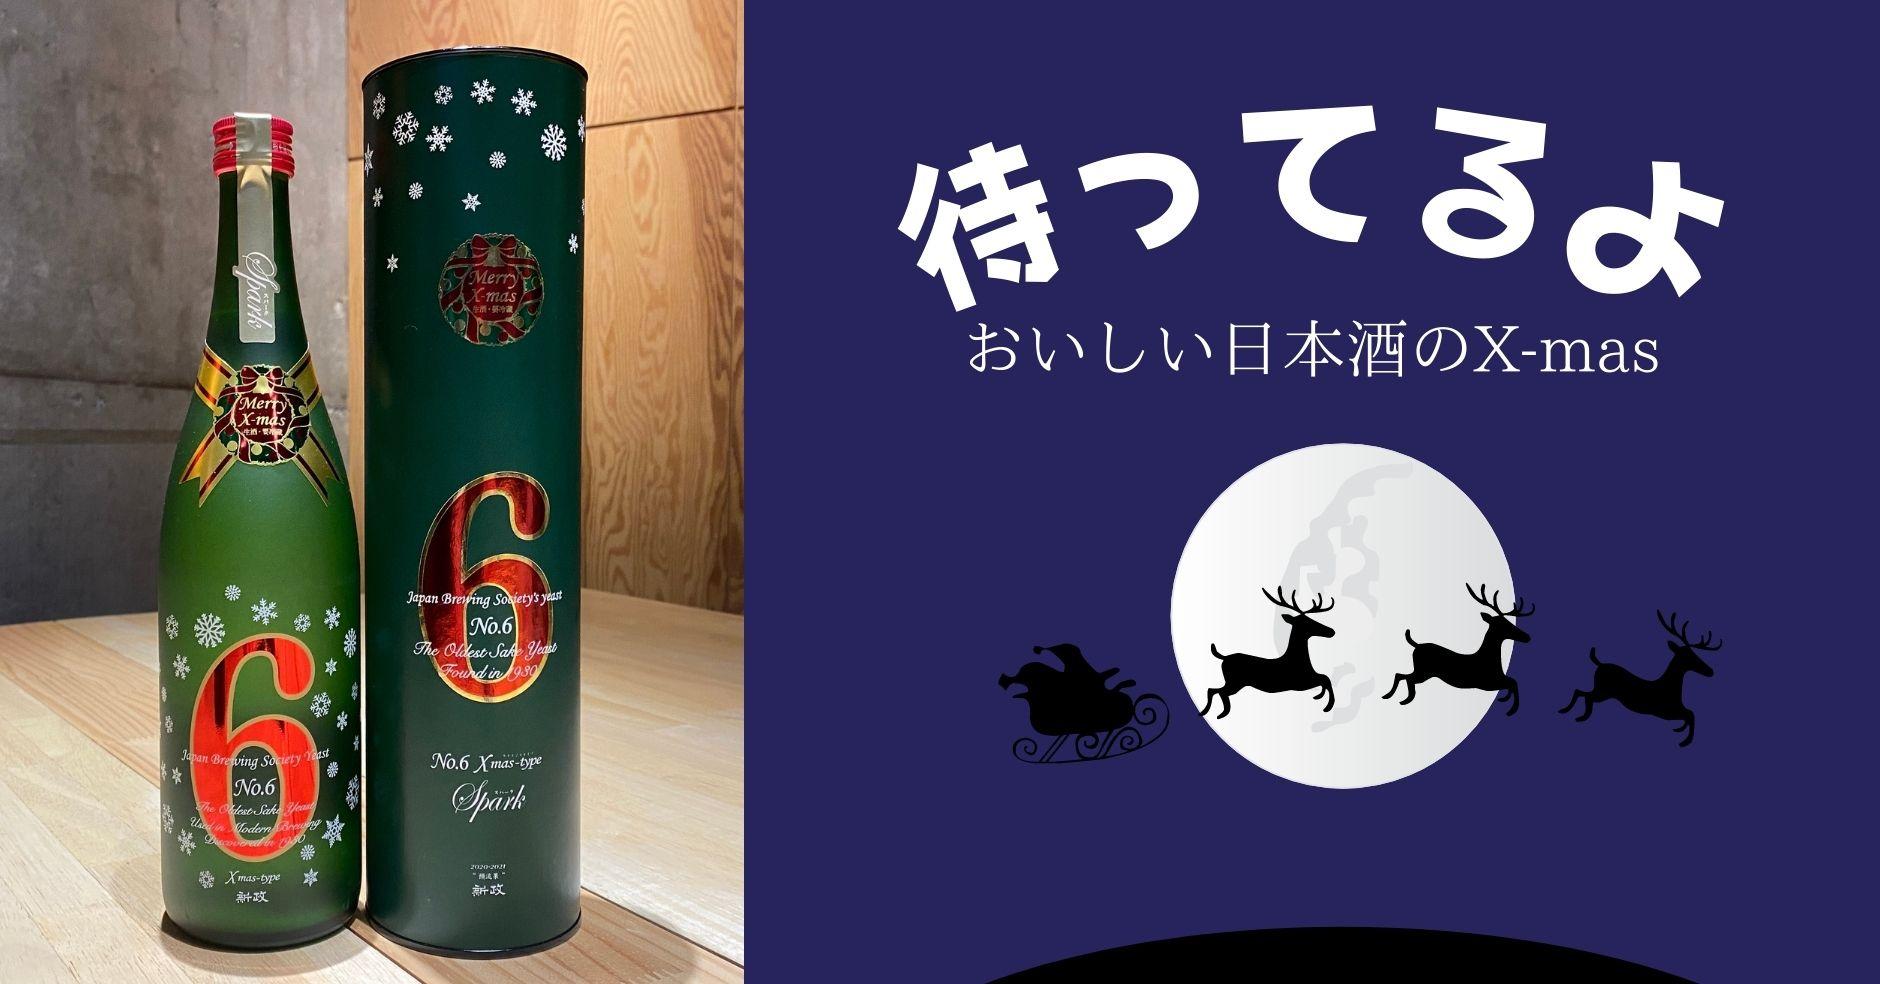 おいしい日本酒のX-mas